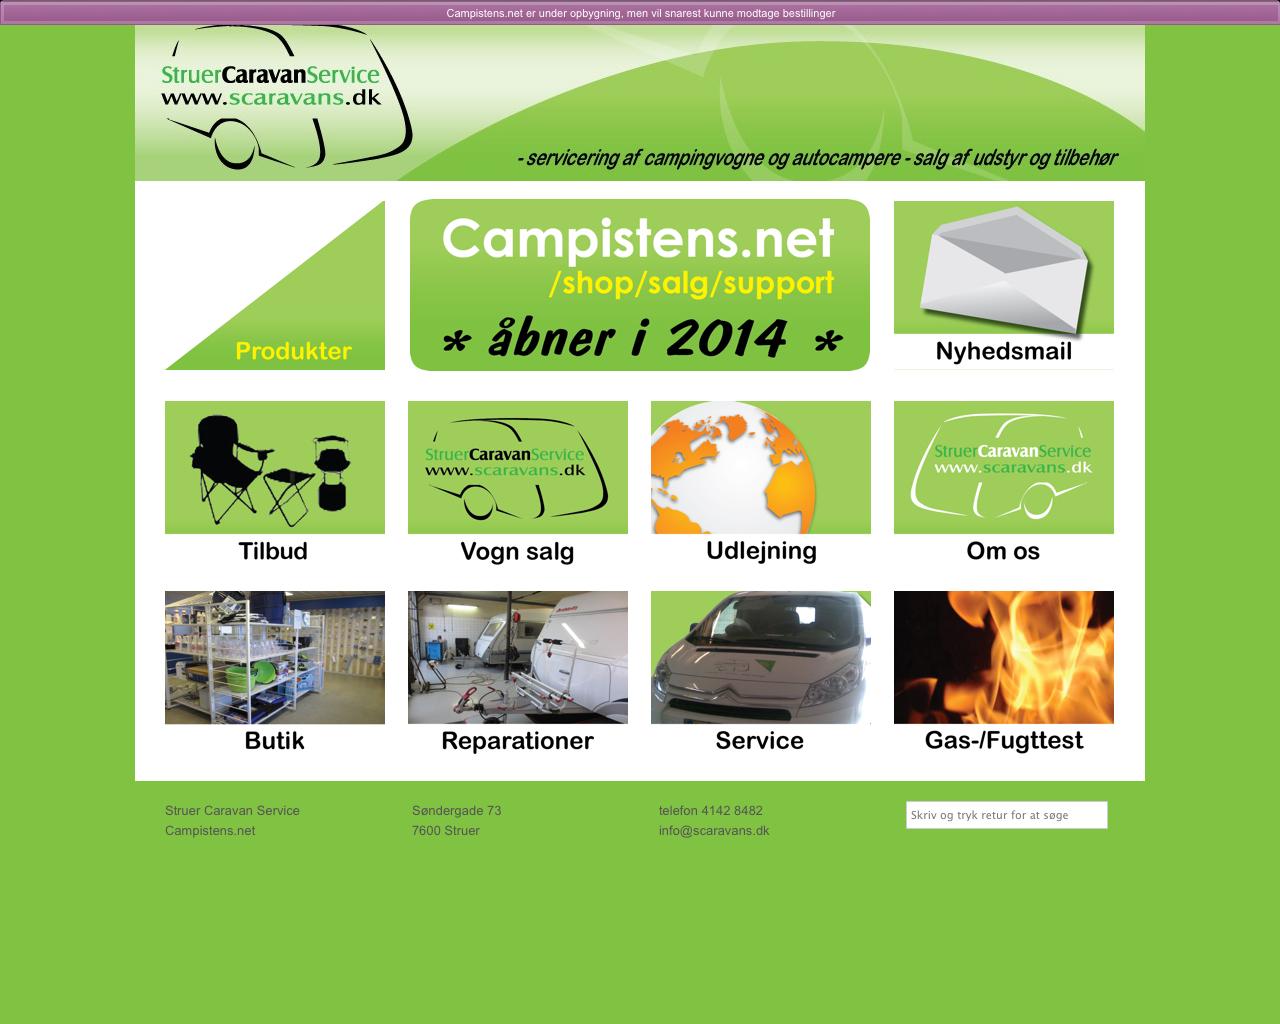 www til camping service